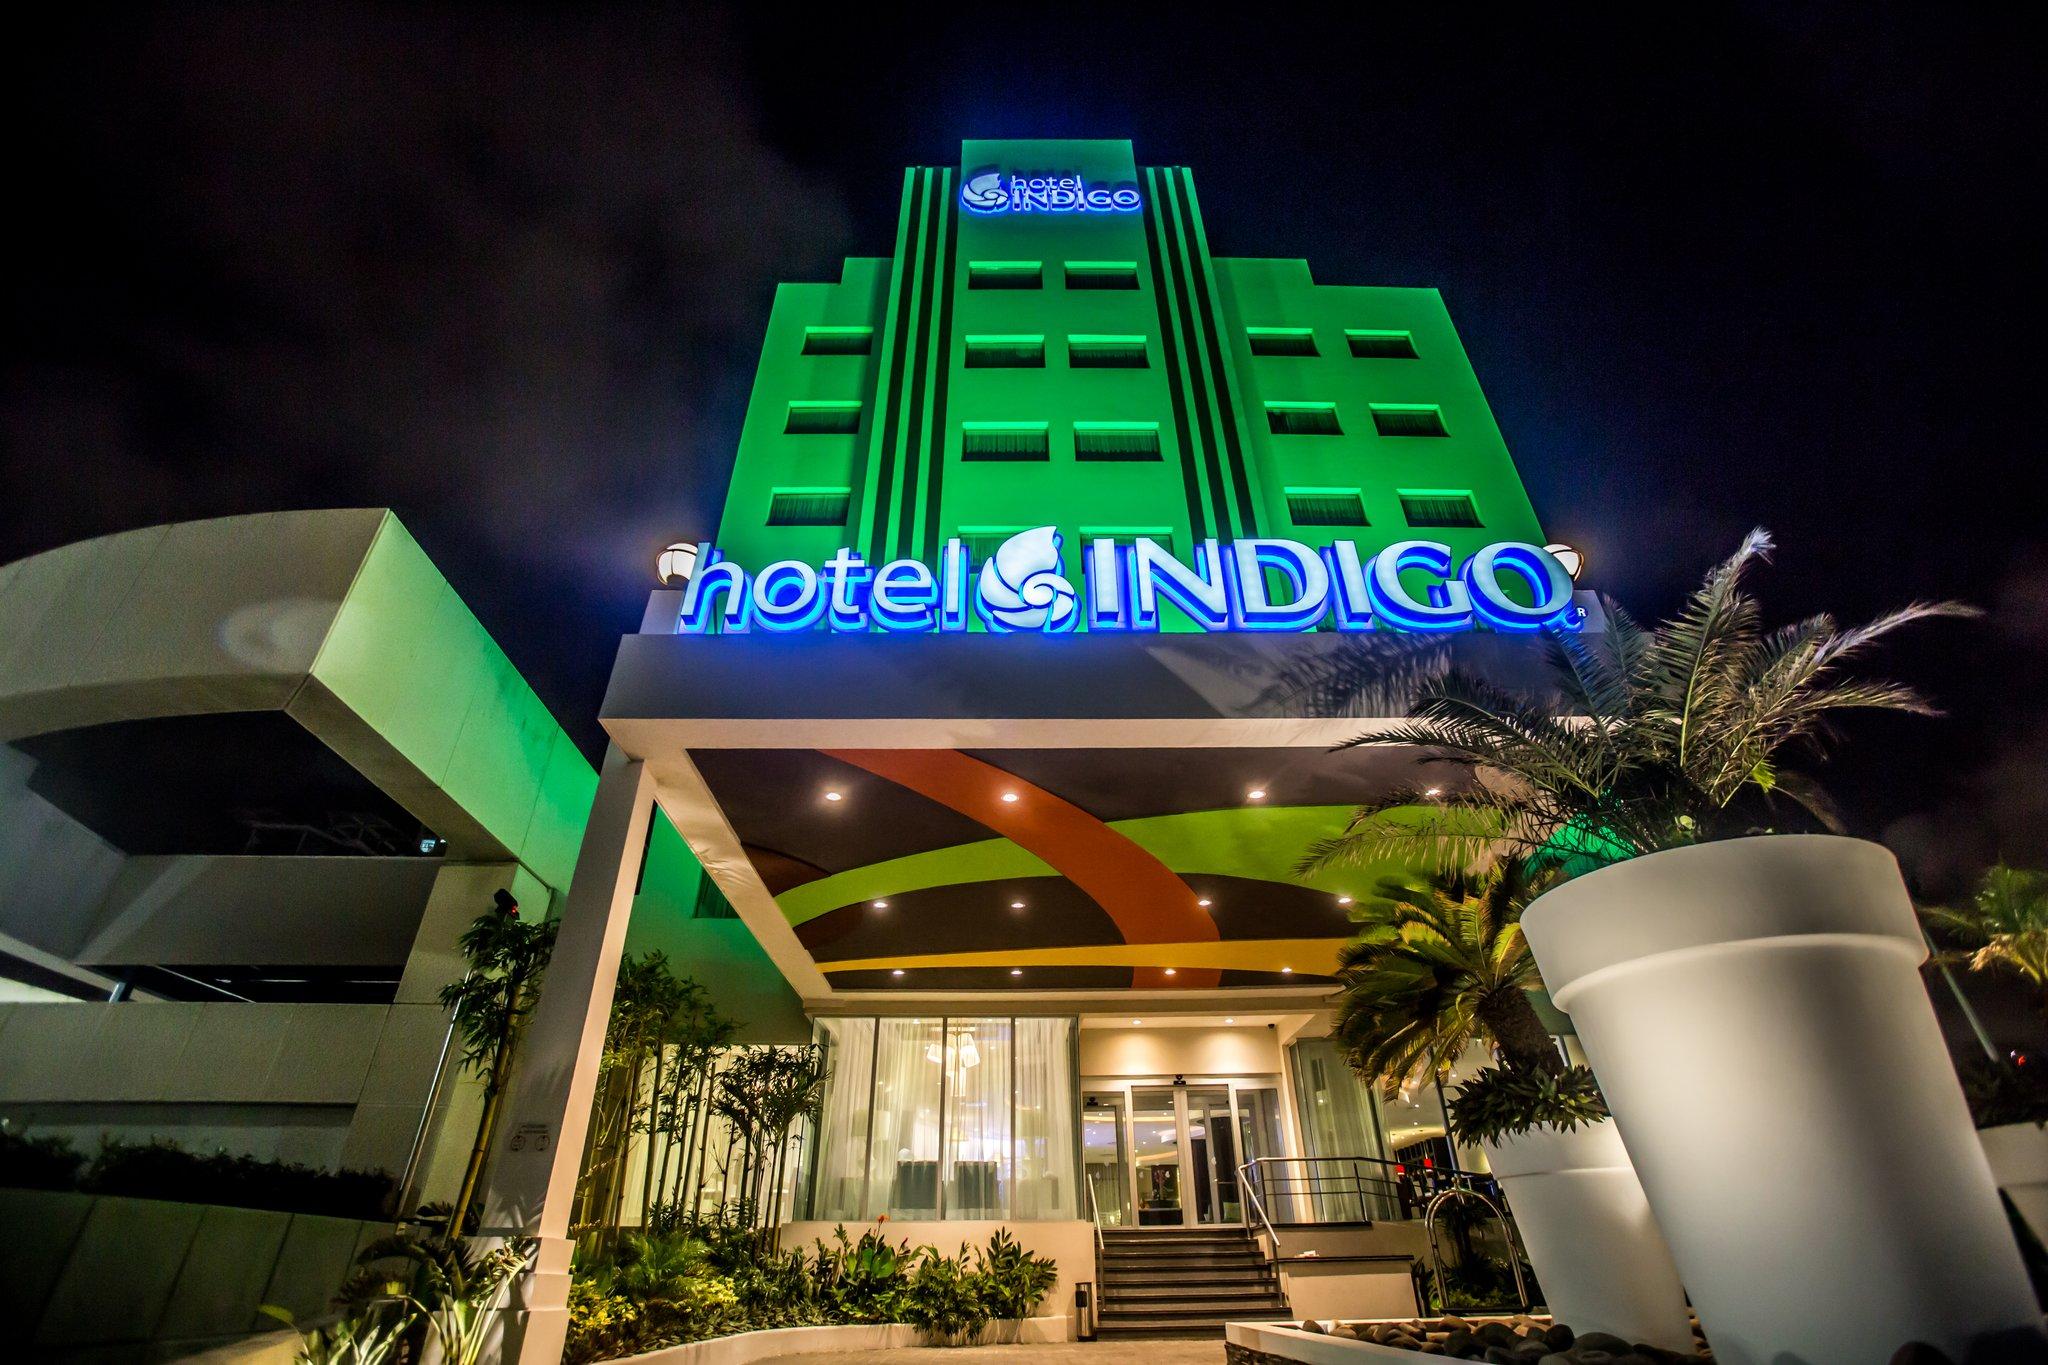 Hotel Indigo Veracruz Boca Del Rio Boca Del Rio Veracruz